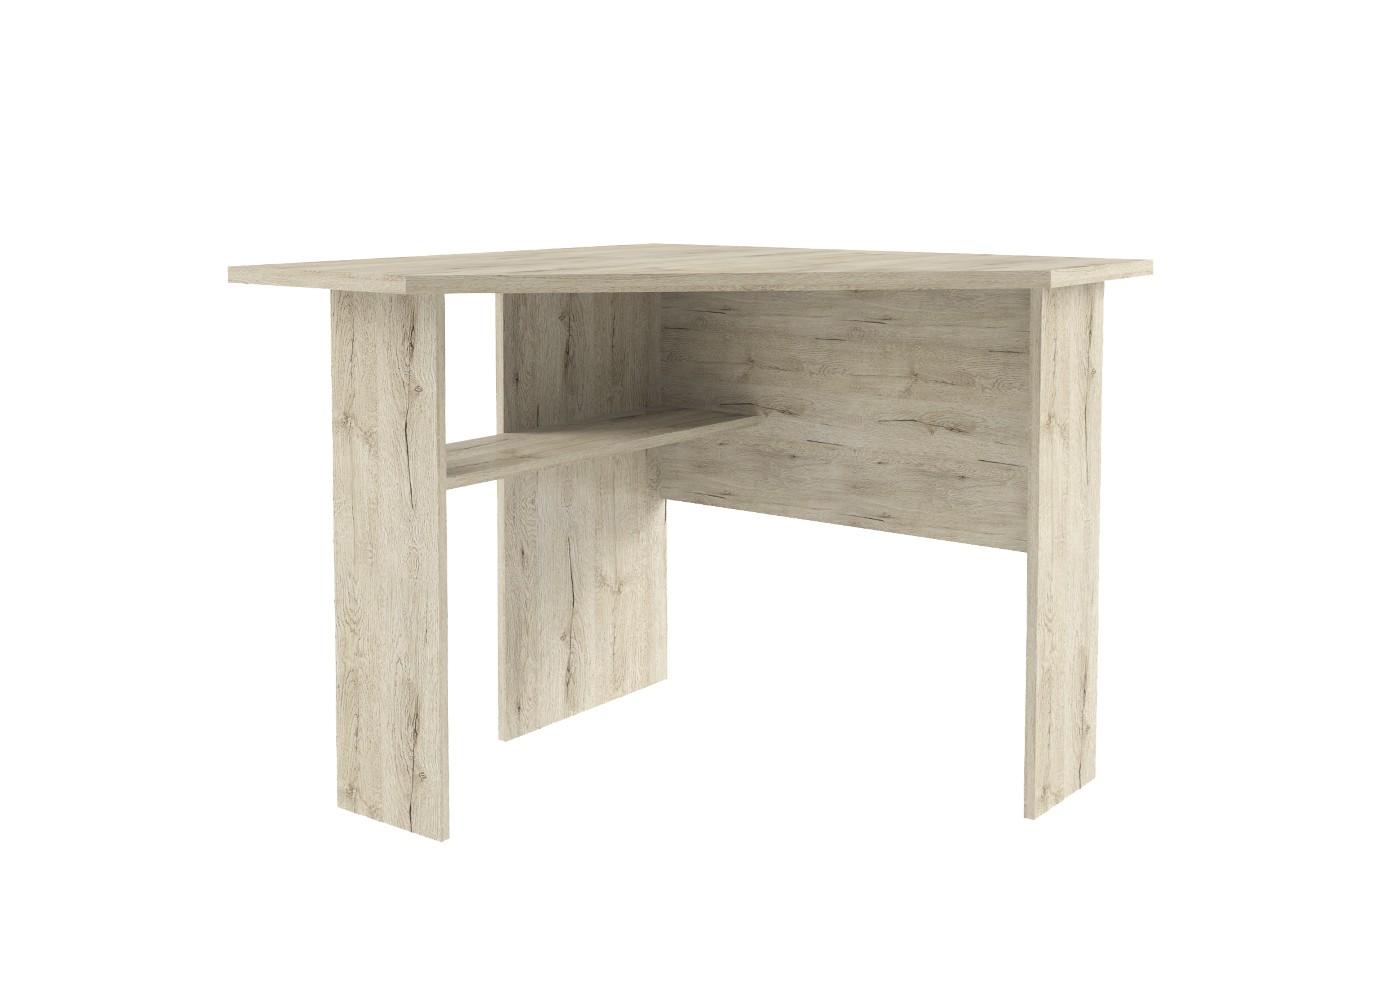 Стол OscarПисьменные столы<br>Коллекция OSCAR напрямую связана с современным европейским дизайном. Использование плиты дуб санремо в стиле кантри в сочетании с современными формами придаст Вашему интерьеру  неповторимый характер и дизайн. Яркое отличие коллекции OSCAR - современный стиль и хорошо продуманный функционал.&amp;amp;nbsp;<br><br>Material: ДСП<br>Width см: 90<br>Depth см: 90<br>Height см: 73.8